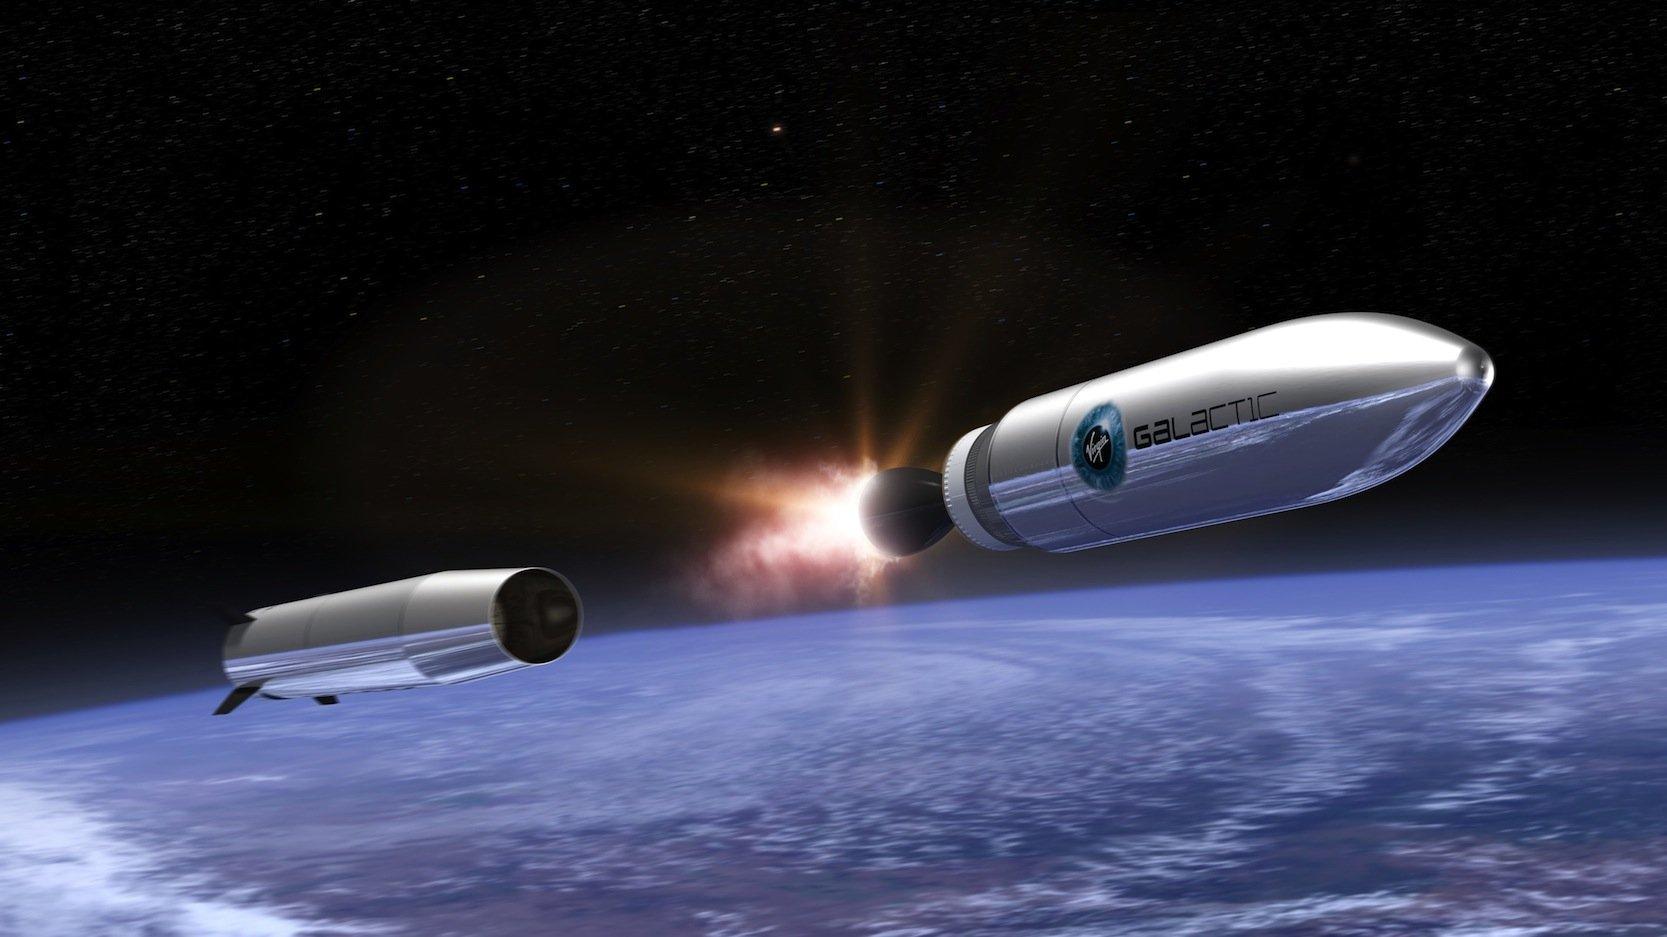 Mit eigenen Raketen, die von einem Jumbo aus in 11.000 m Flughöhe starten, will Virgin Galactic künftig Satelliten in ihre Umlaufbahn bringen.